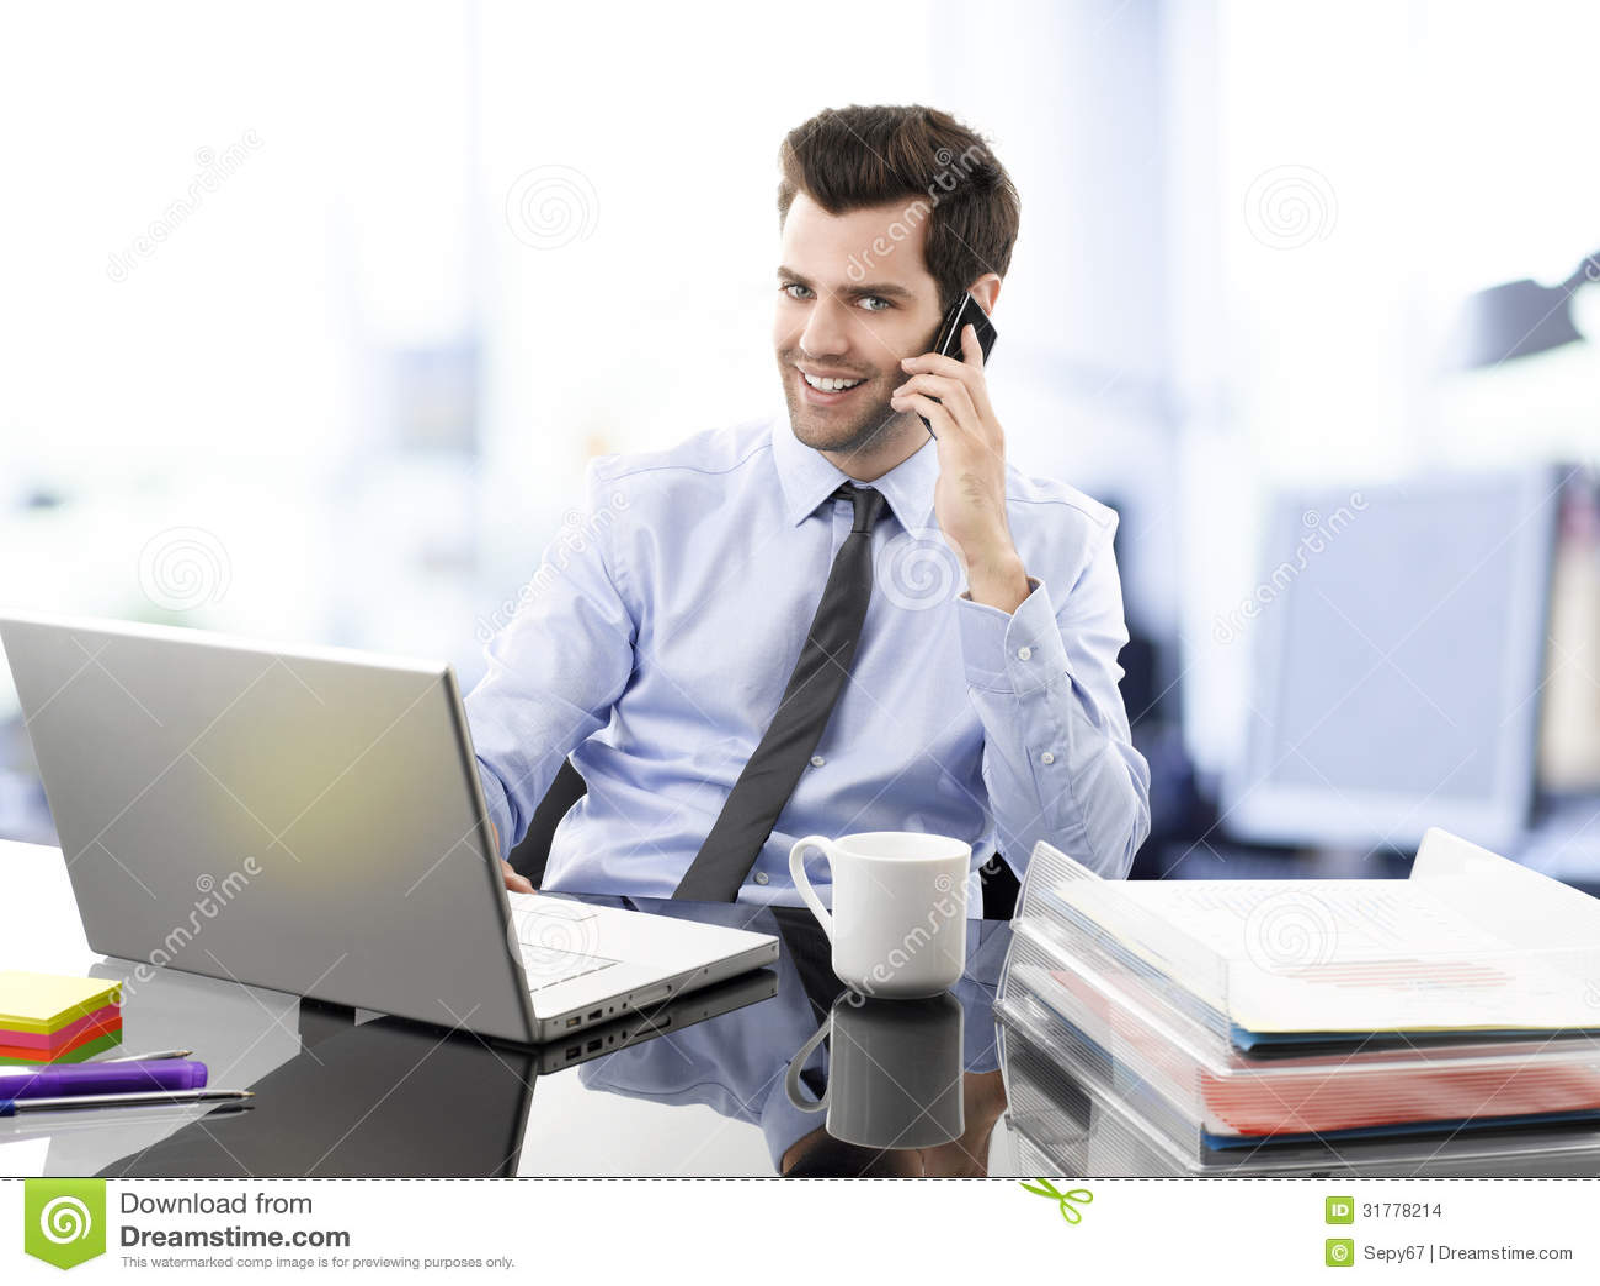 Glimlachende jonge zakenman die op mobiele telefoon for La oficina telefono